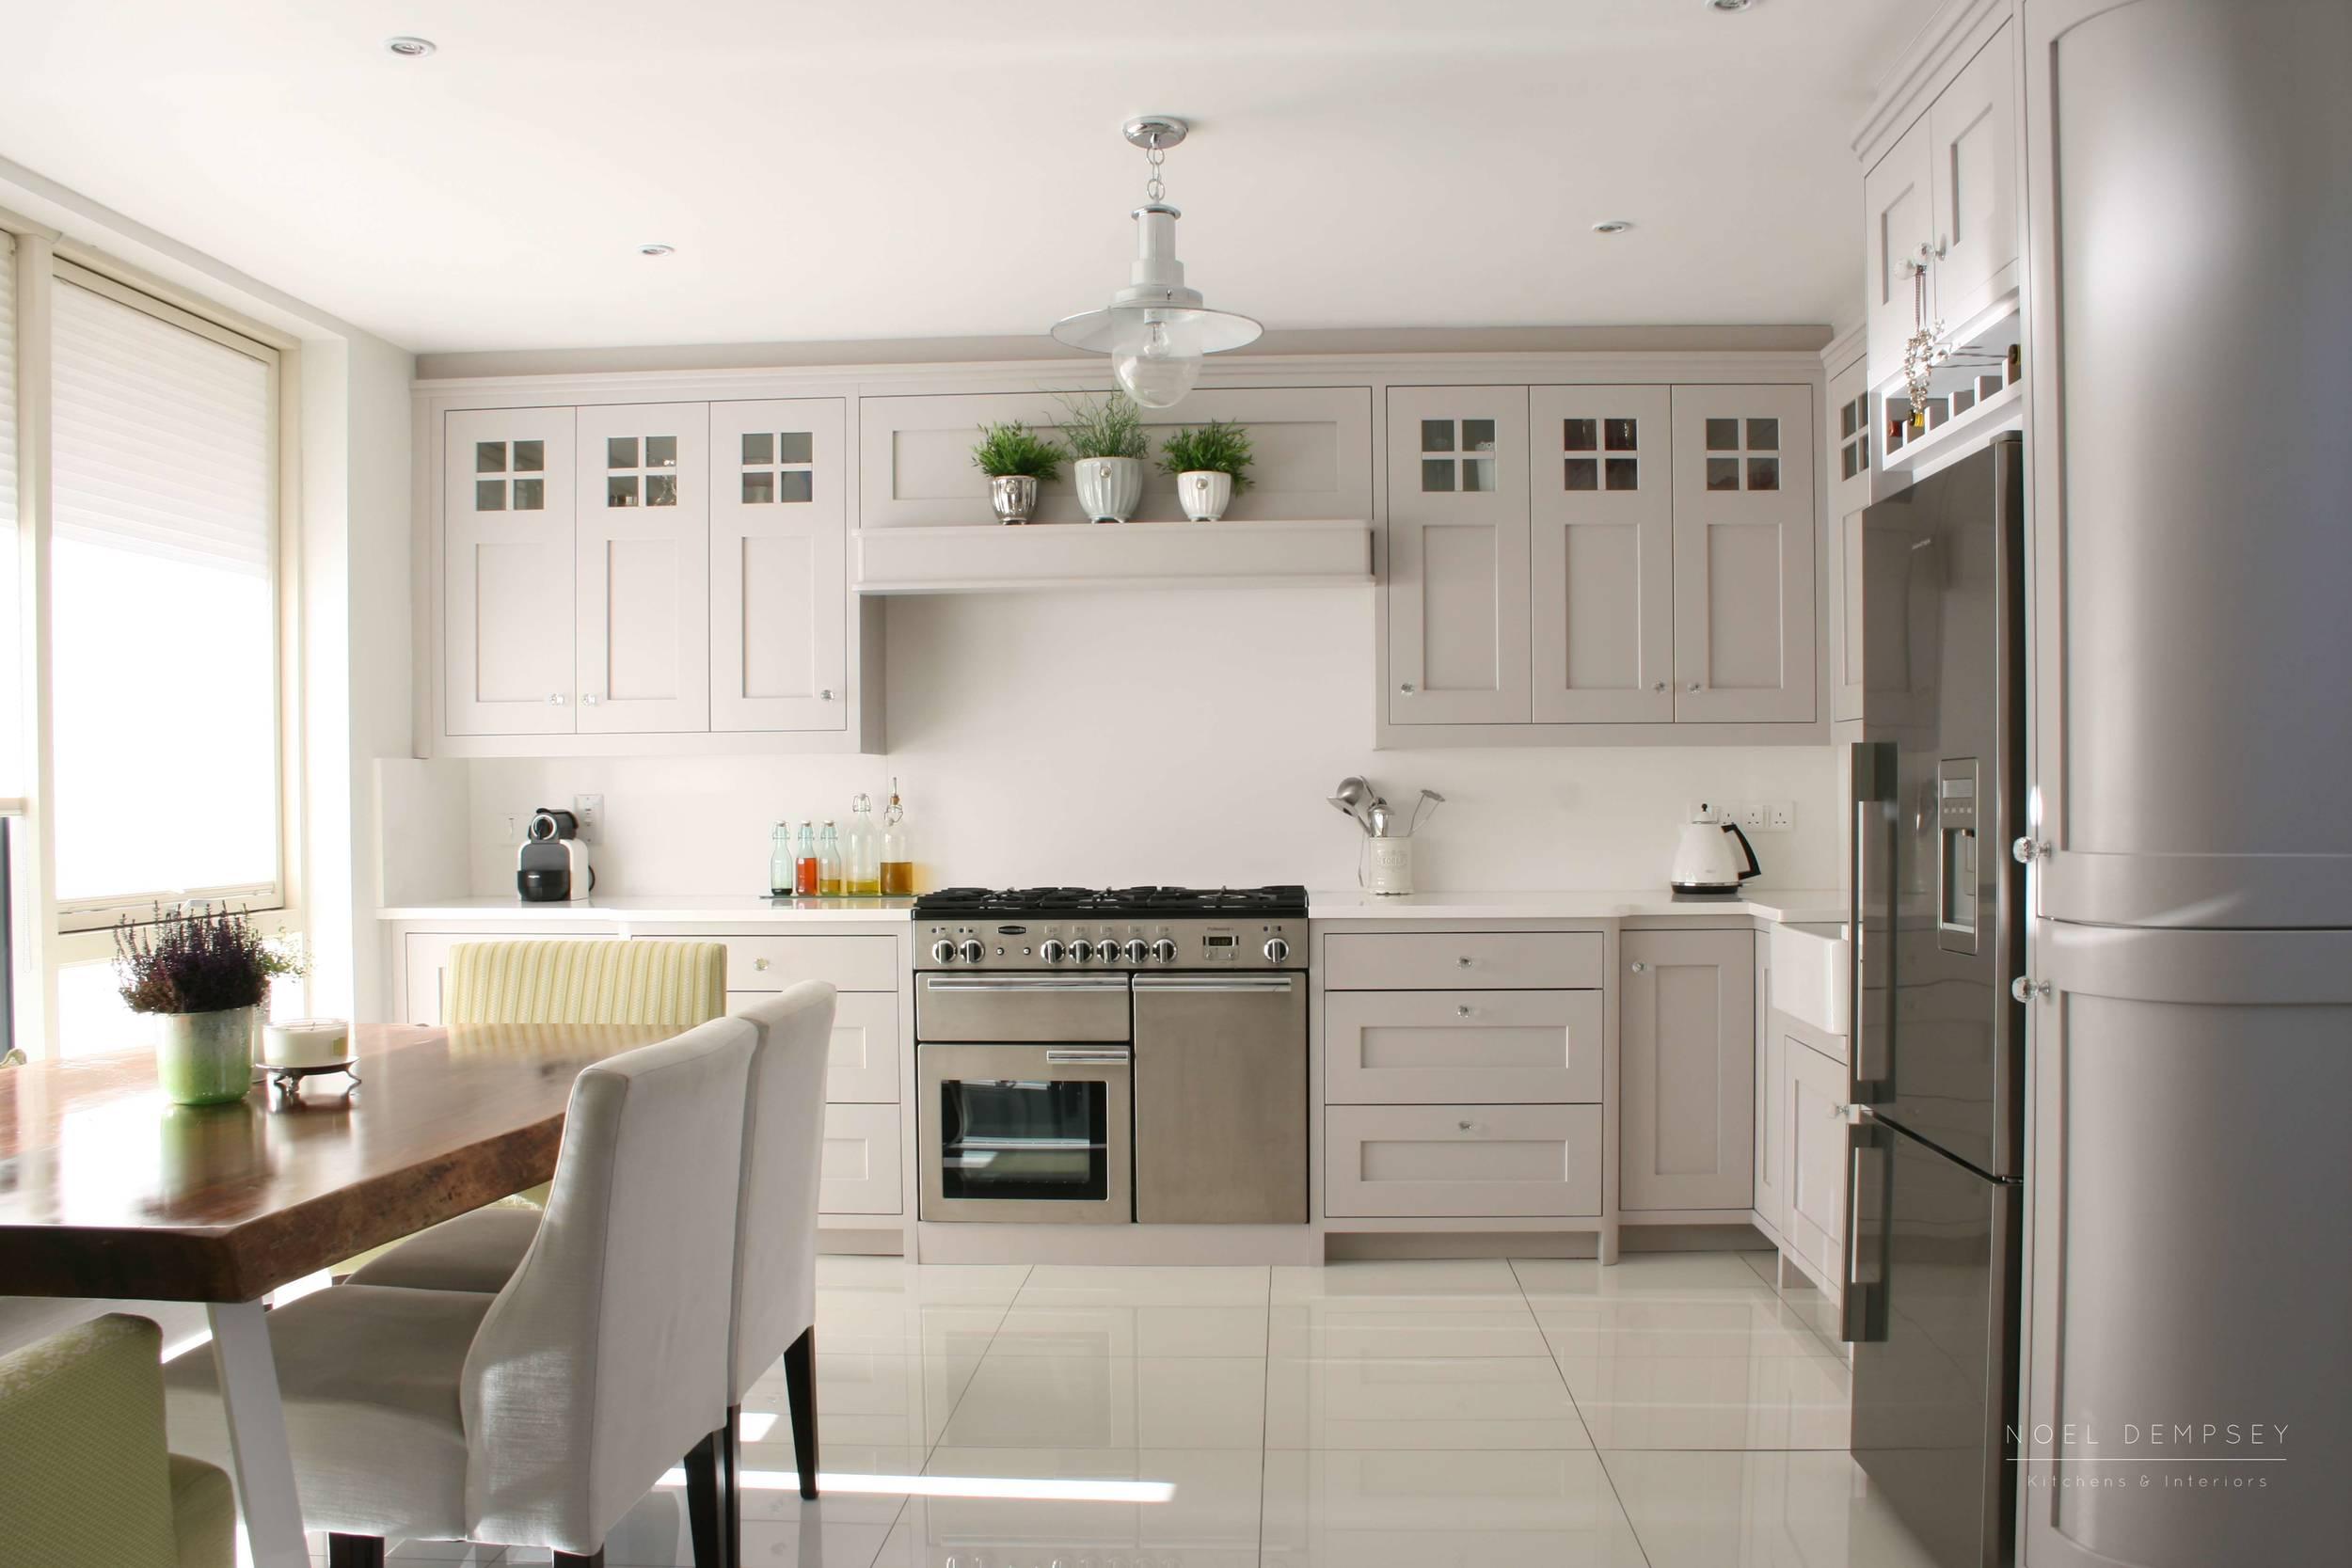 Gracefield-Inframe-Kitchen-1.jpg